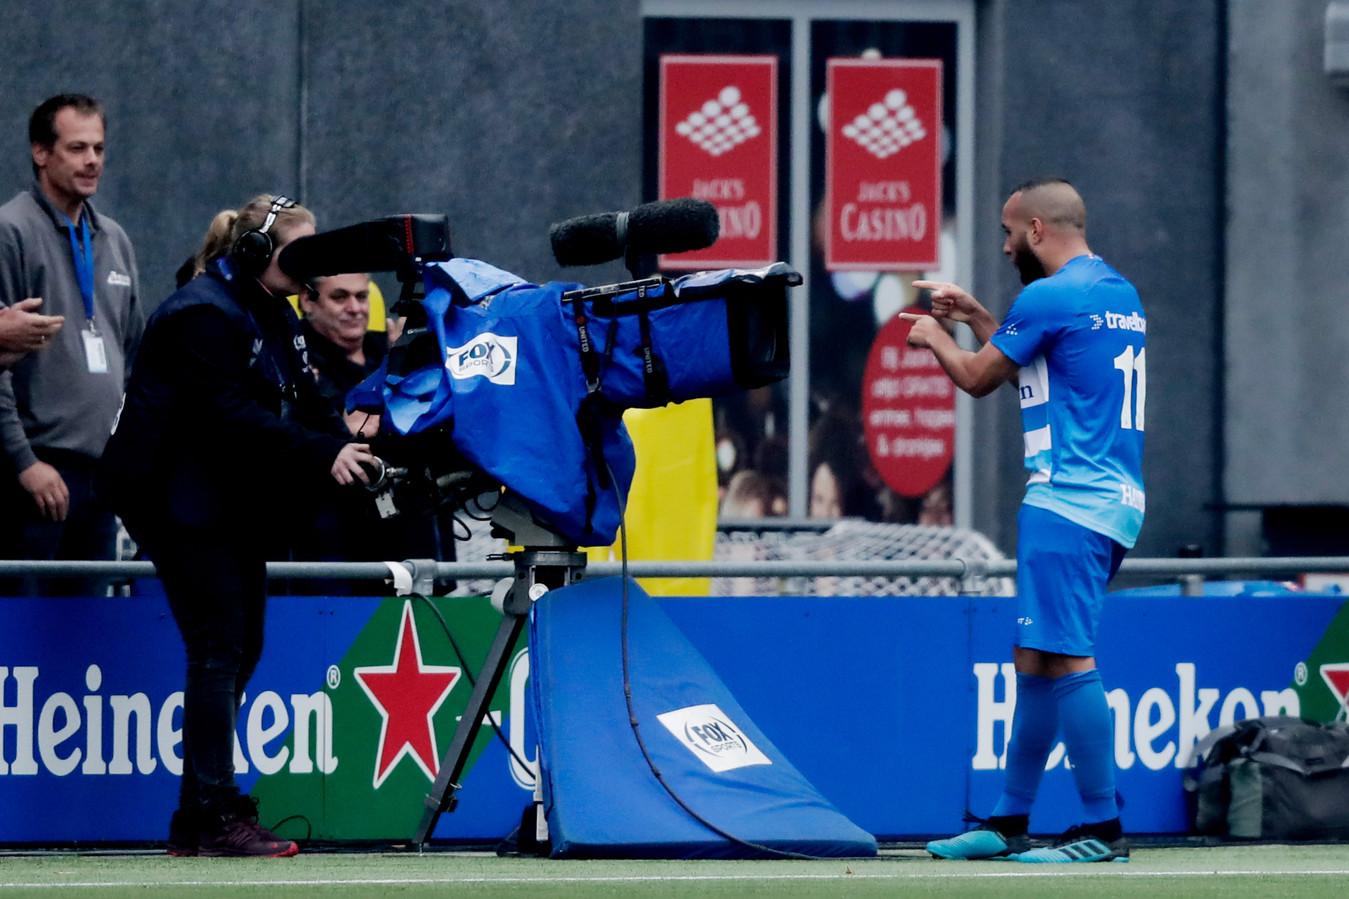 Iliass Bel Hassani viert de 1-1 van PEC Zwolle, dat in de kelderkraker tegen ADO Den Haag door toedoen van Michiel Kramer vroeg tegen een achterstand aankeek.